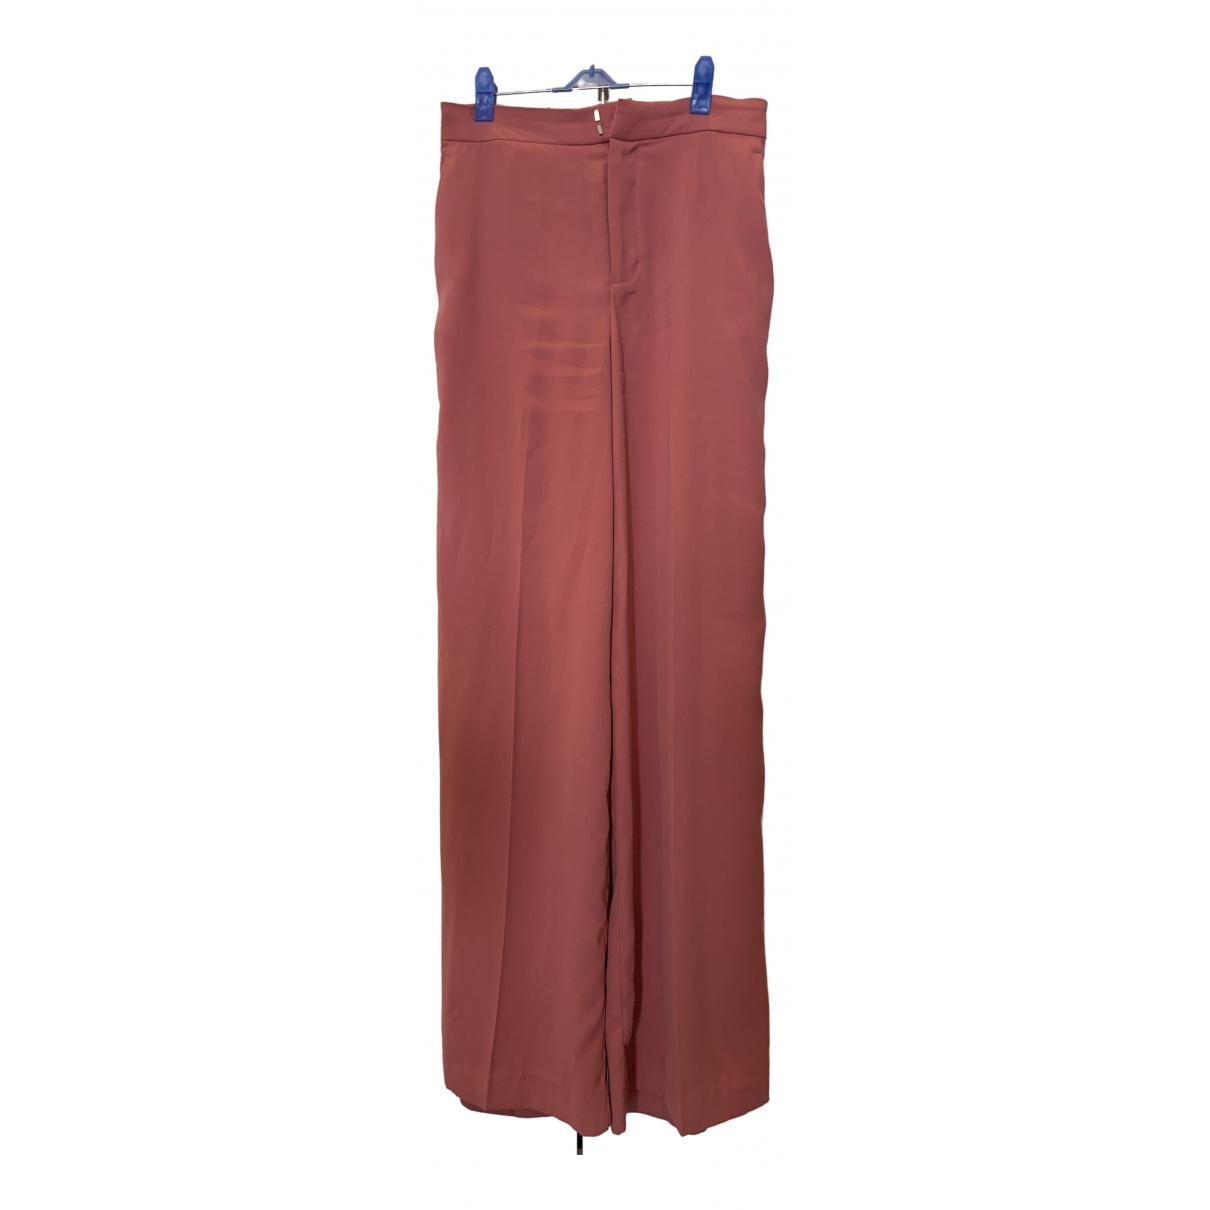 Pantalon recto Hippie Chic Non Signe / Unsigned